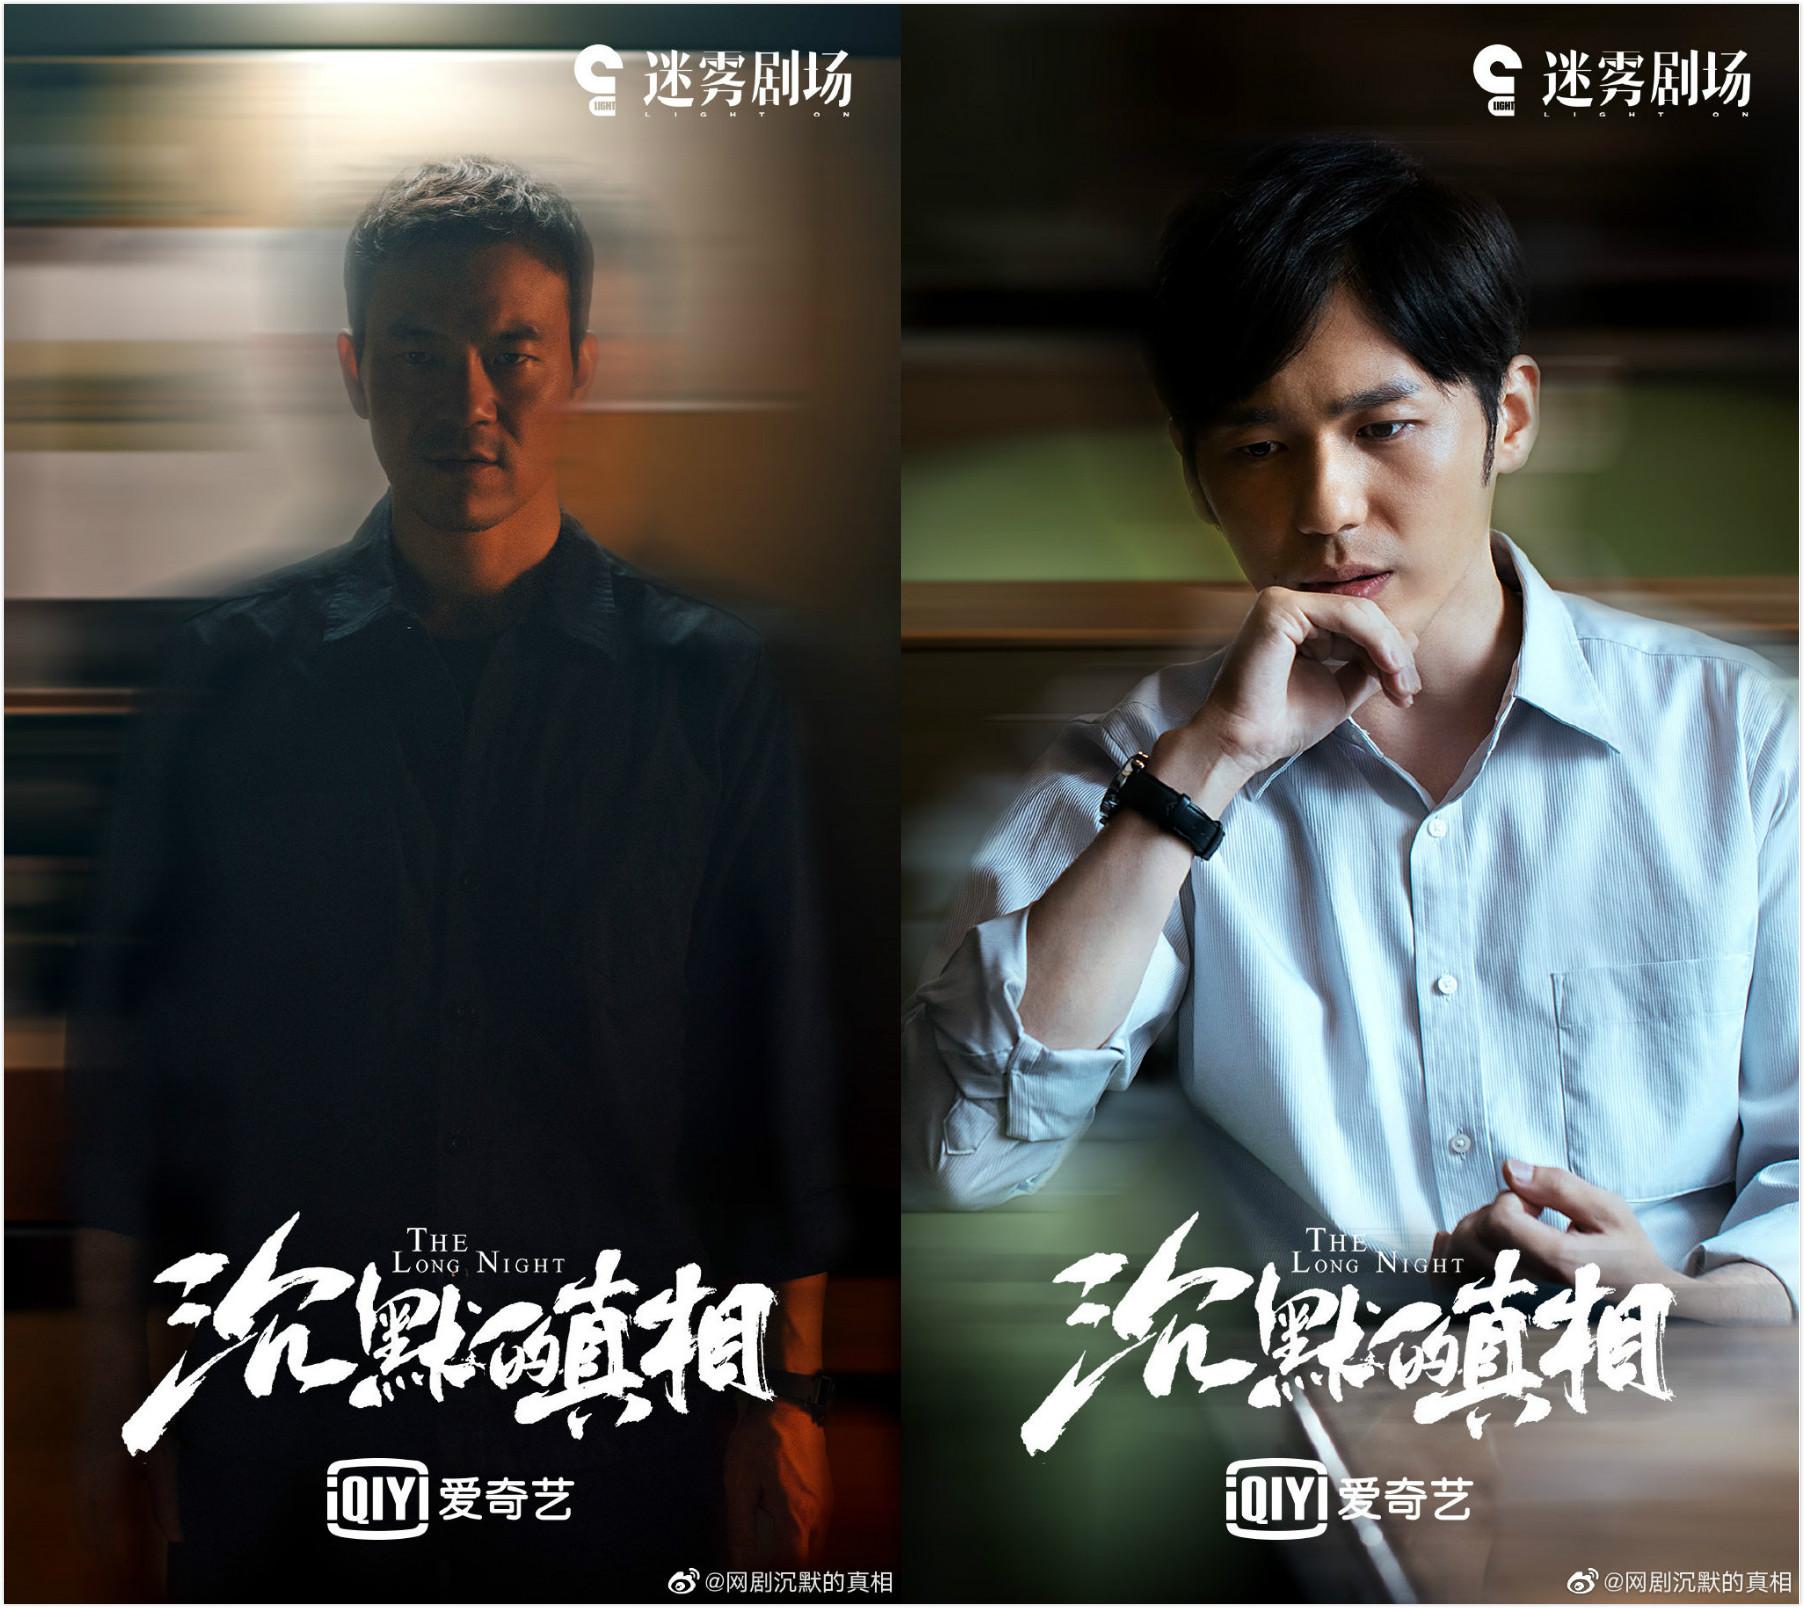 廖凡、白宇主演《沉默的真相》9月16日登陆迷雾剧场图片